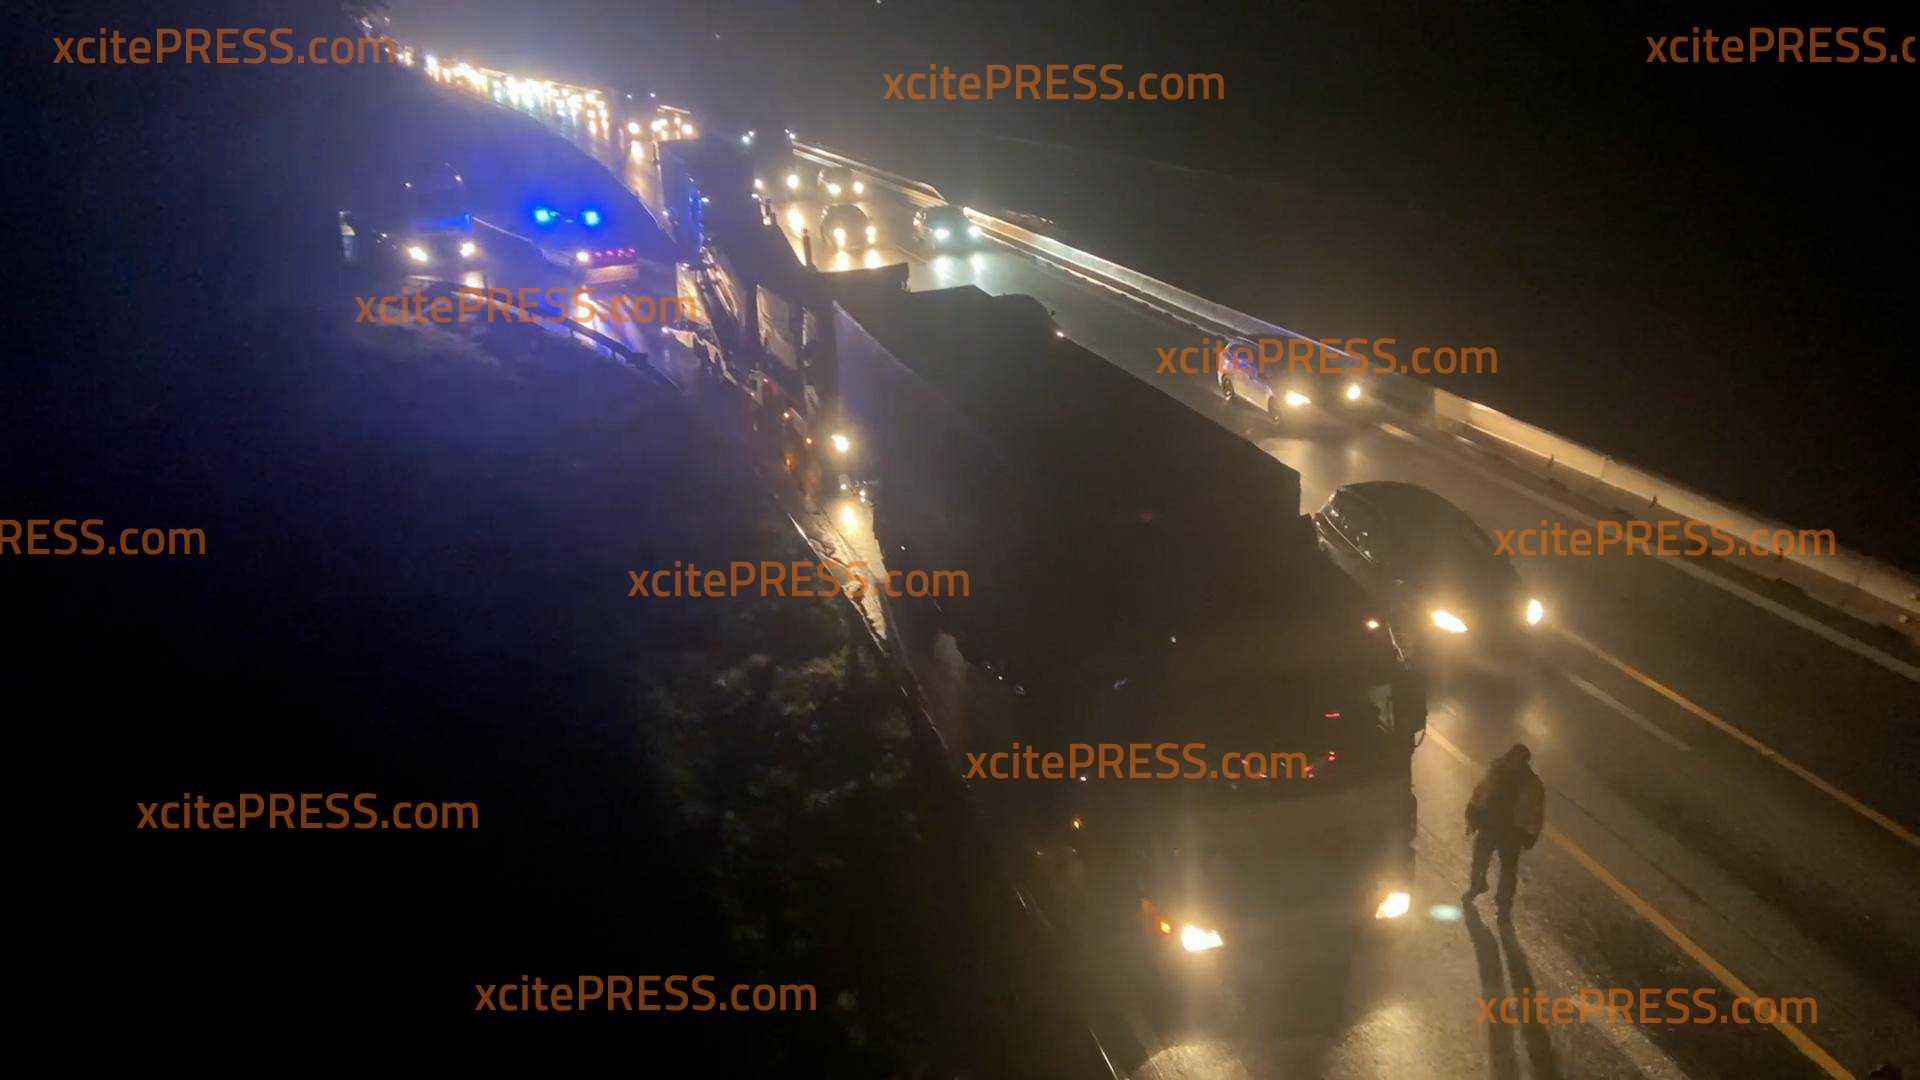 Verkehrschaos zum Feiertagsverkehr: Rastplätze überfüllt - Polizei muss LKWs wegschicken